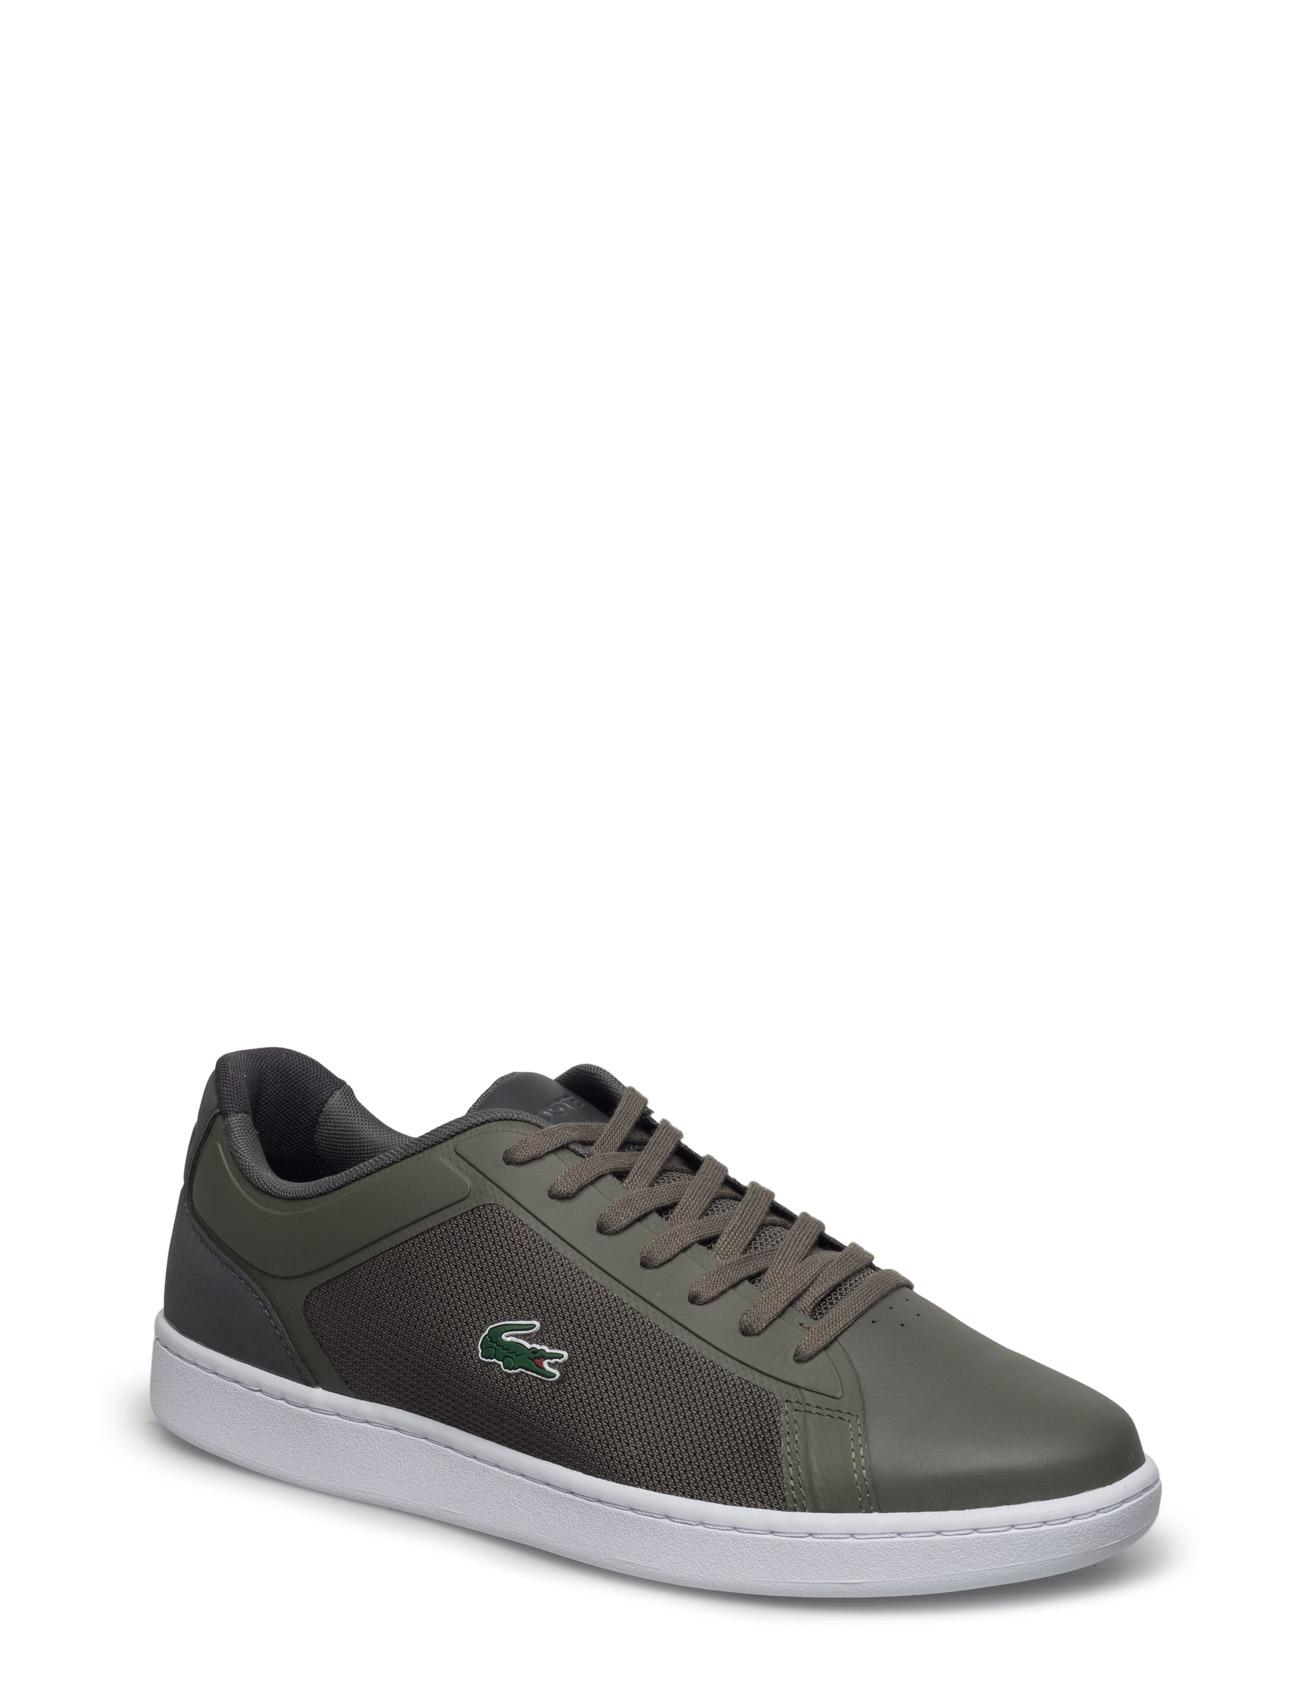 lacoste shoes Endliner 217 1 på boozt.com dk